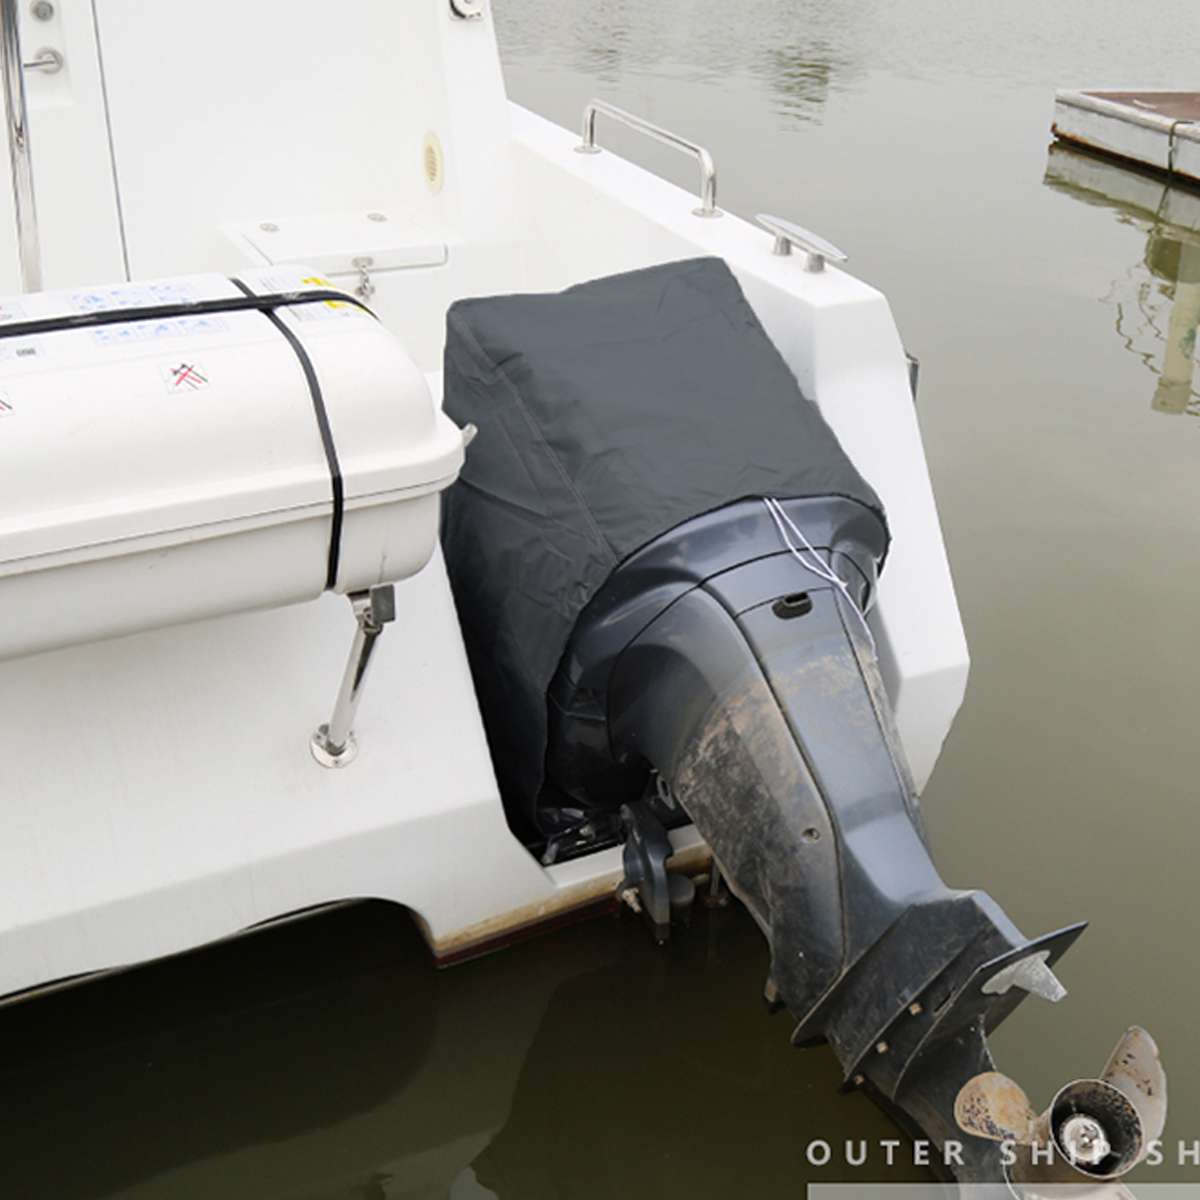 Audew 300D Водонепроницаемый подвесной черный мотор лодочный двигатель протектор лодочный мотор/Защитная крышка для капота двигателя для 115-225 лодочных моторов 71x48x69 см